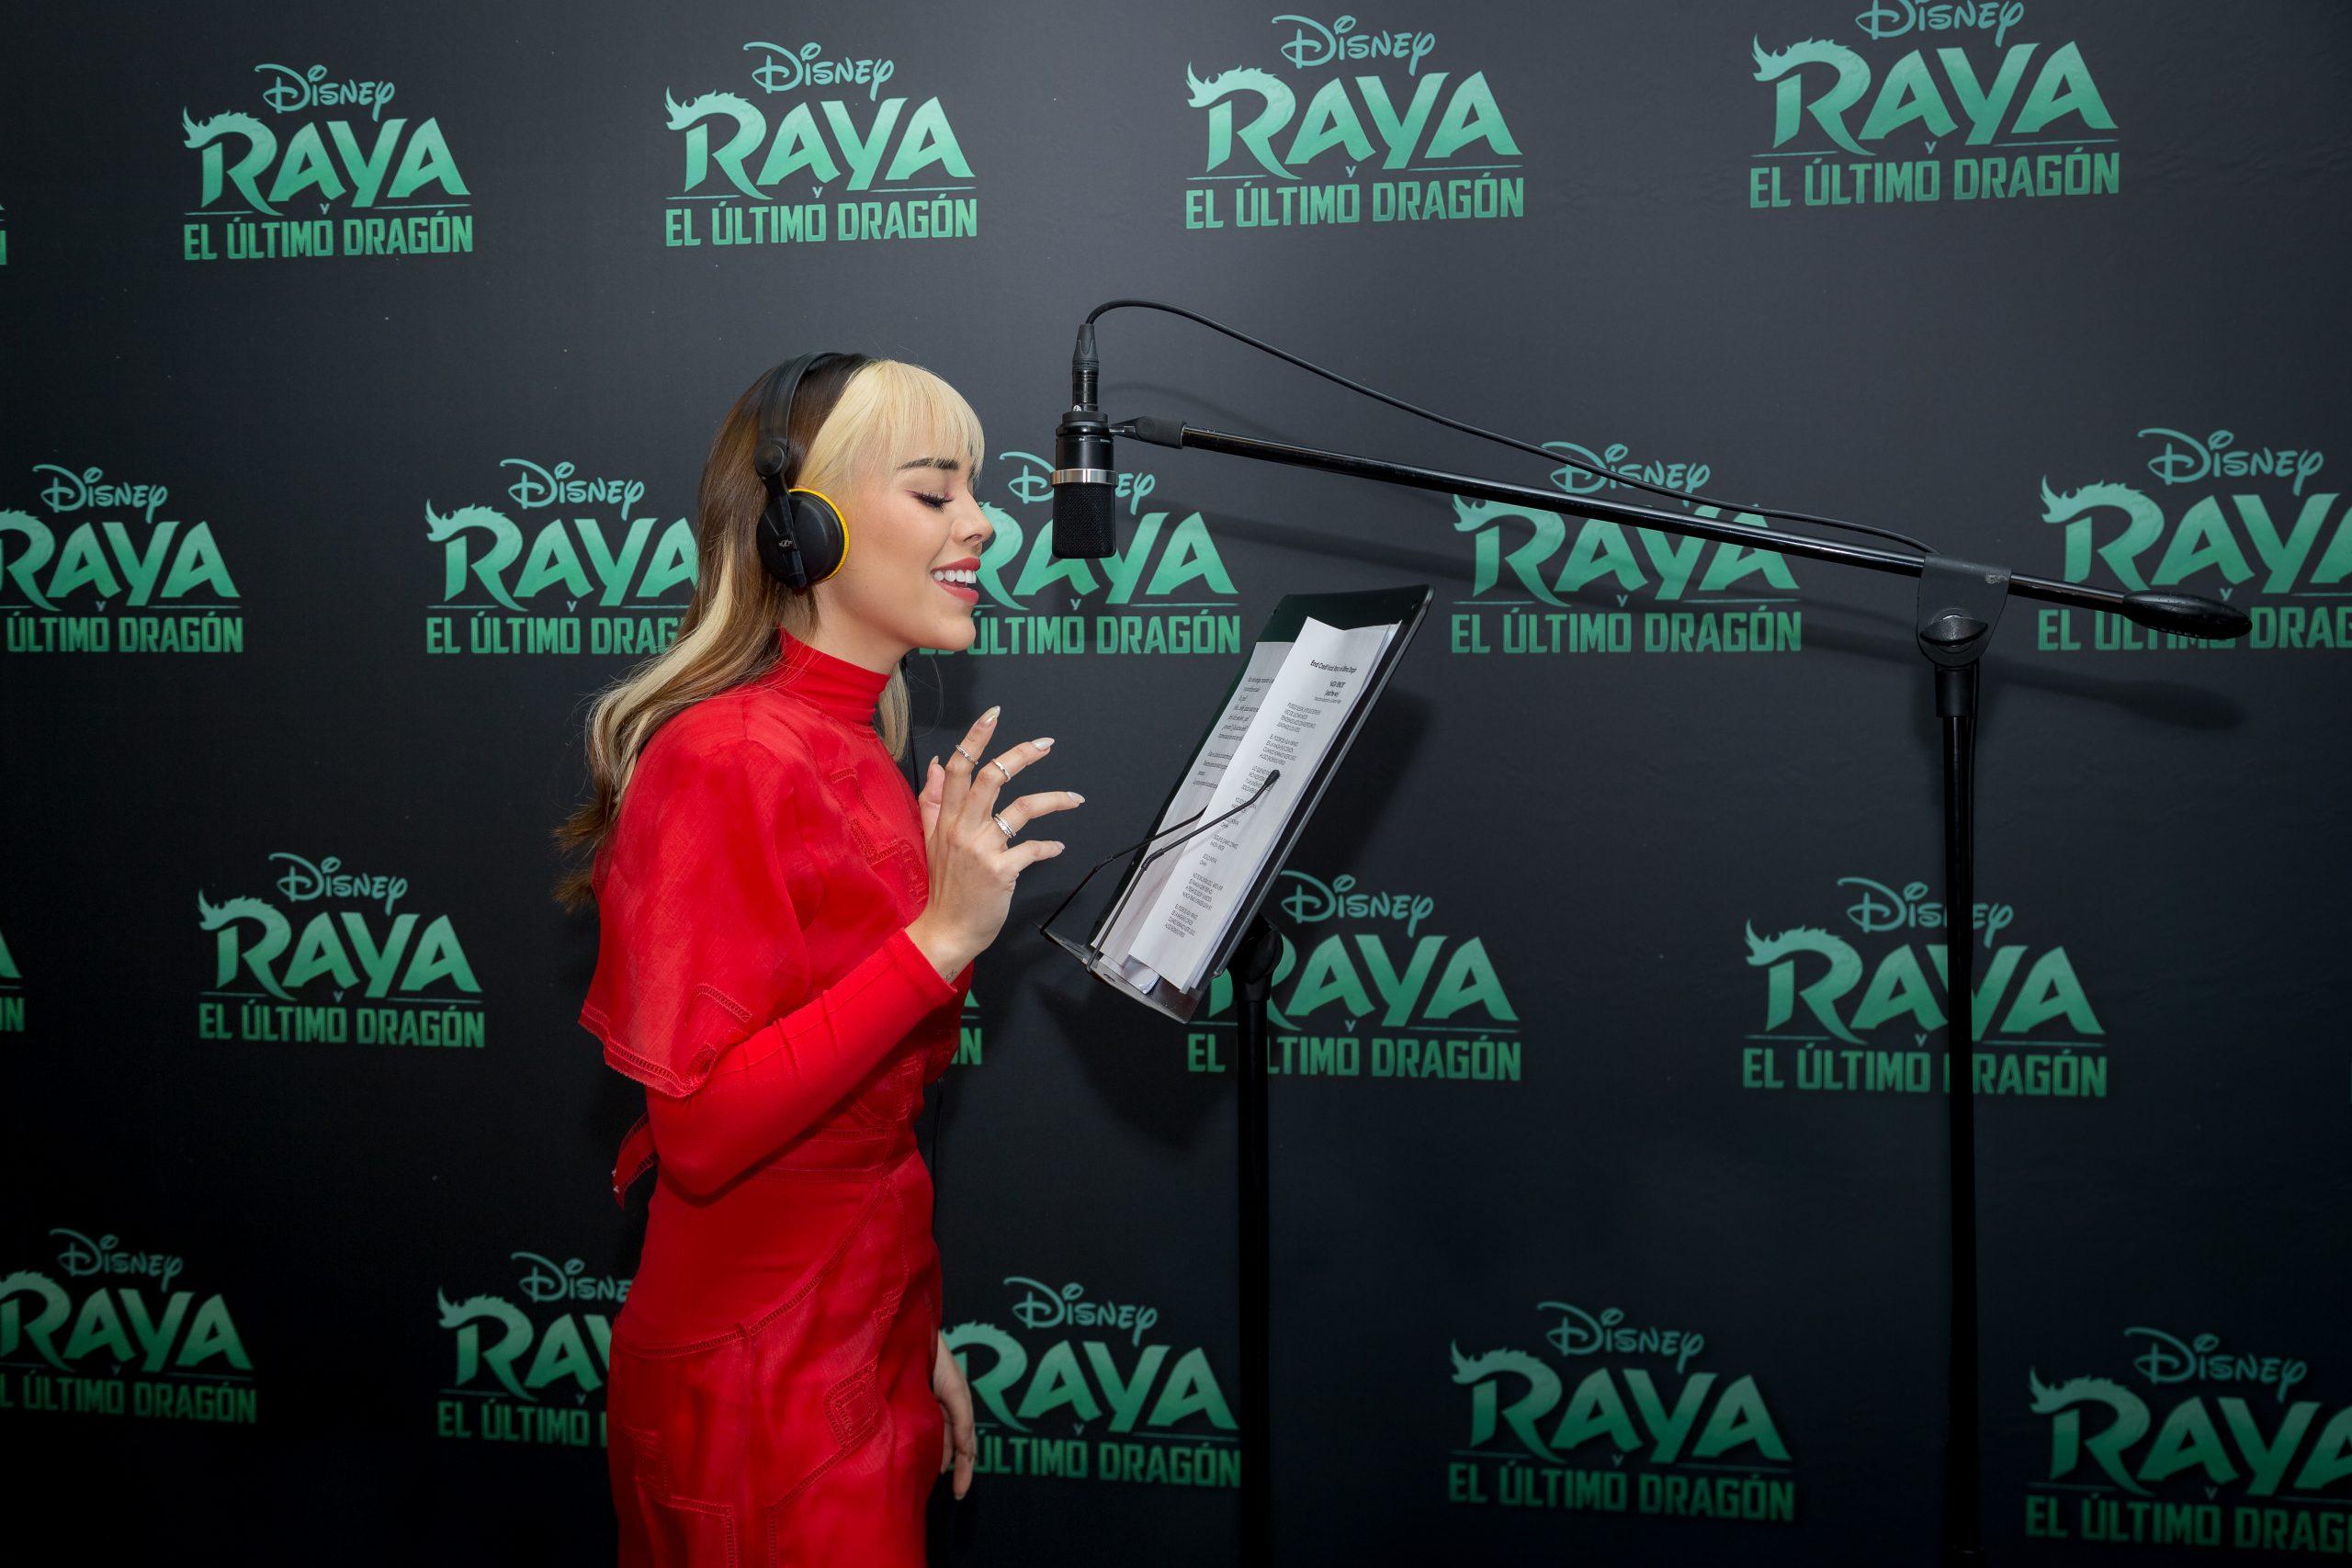 Ya está disponible el videoclip de Danna Paola de 'Raya y el último dragón'